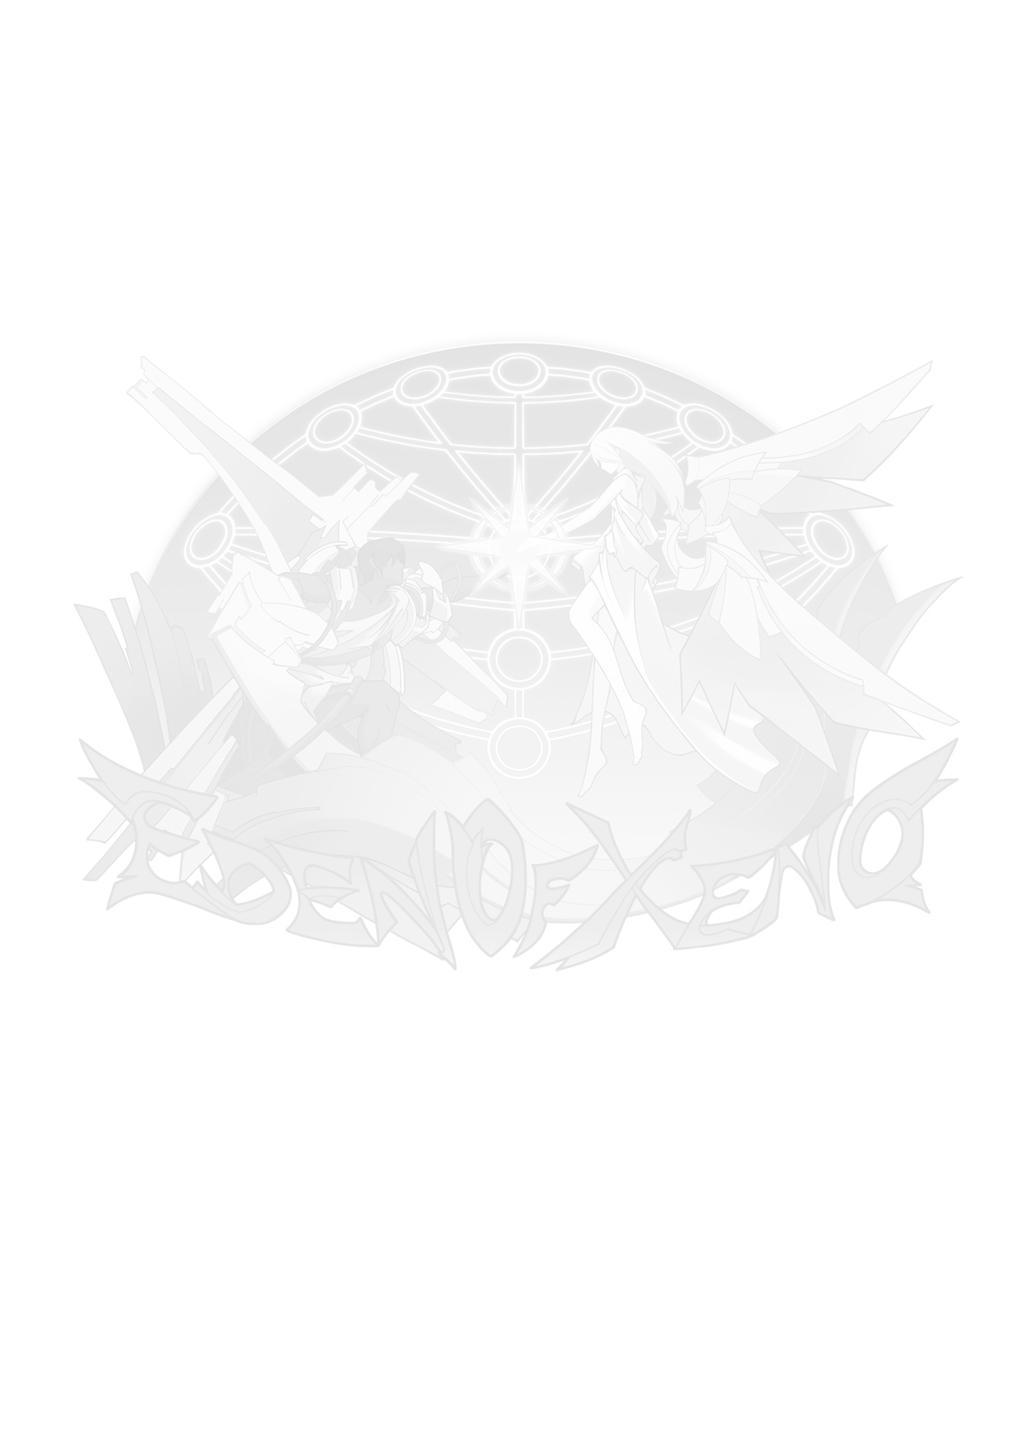 Yakusoku no Sora to Kimigaita Basho 1 ~ 2 38